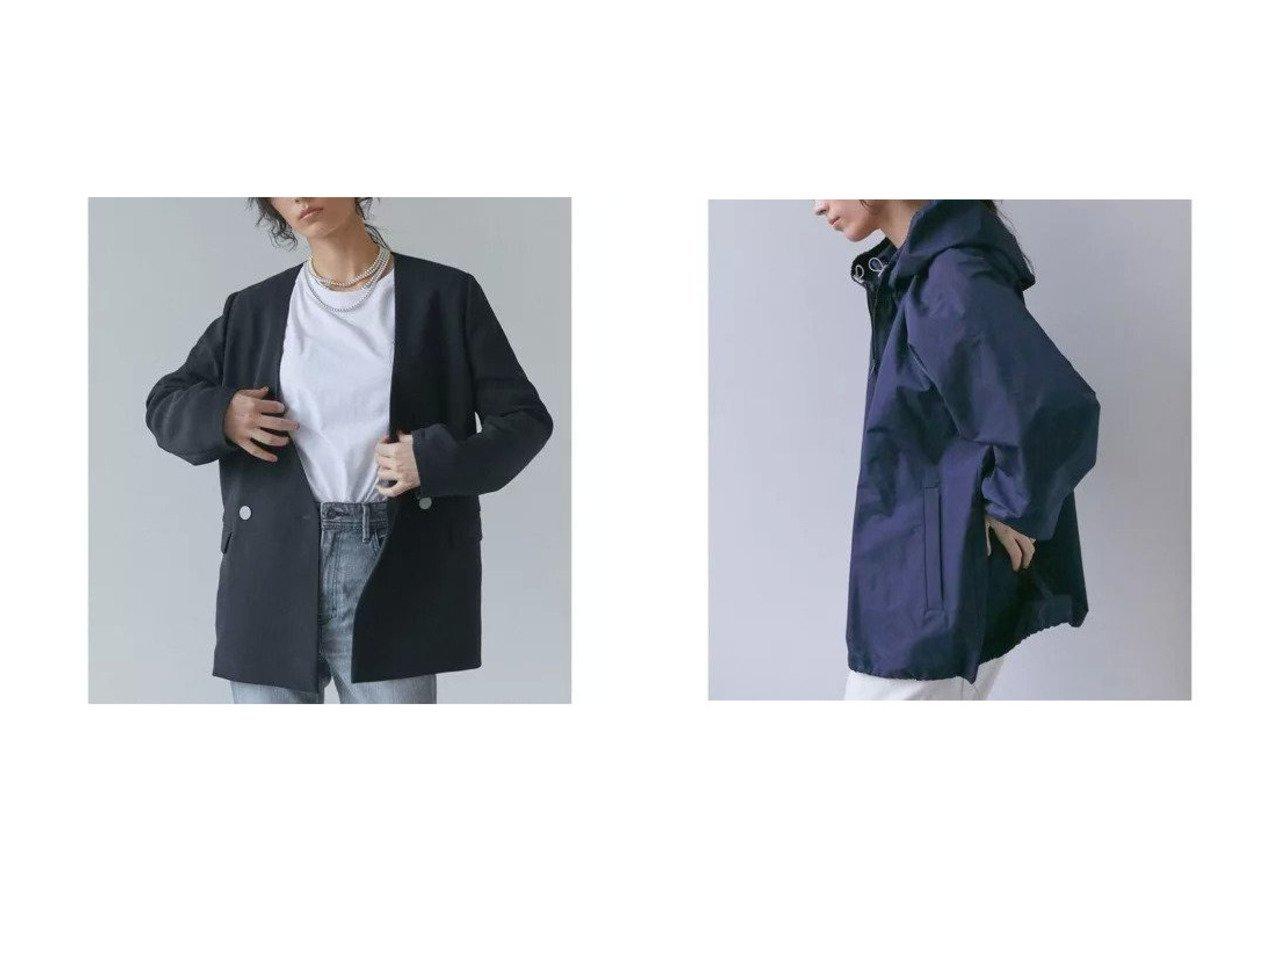 【GALLARDAGALANTE/ガリャルダガランテ】のジャージージャケット&タフタブルゾン 【アウター】おすすめ!人気、トレンド・レディースファッションの通販 おすすめで人気の流行・トレンド、ファッションの通販商品 メンズファッション・キッズファッション・インテリア・家具・レディースファッション・服の通販 founy(ファニー) https://founy.com/ ファッション Fashion レディースファッション WOMEN アウター Coat Outerwear ジャケット Jackets ブルゾン Blouson/Jackets カーディガン ジャケット ジャージー ストレッチ テーラード 定番 Standard 春 Spring ギャザー ショート シンプル スタイリッシュ タフタ パーカー ブルゾン ベーシック  ID:crp329100000027894